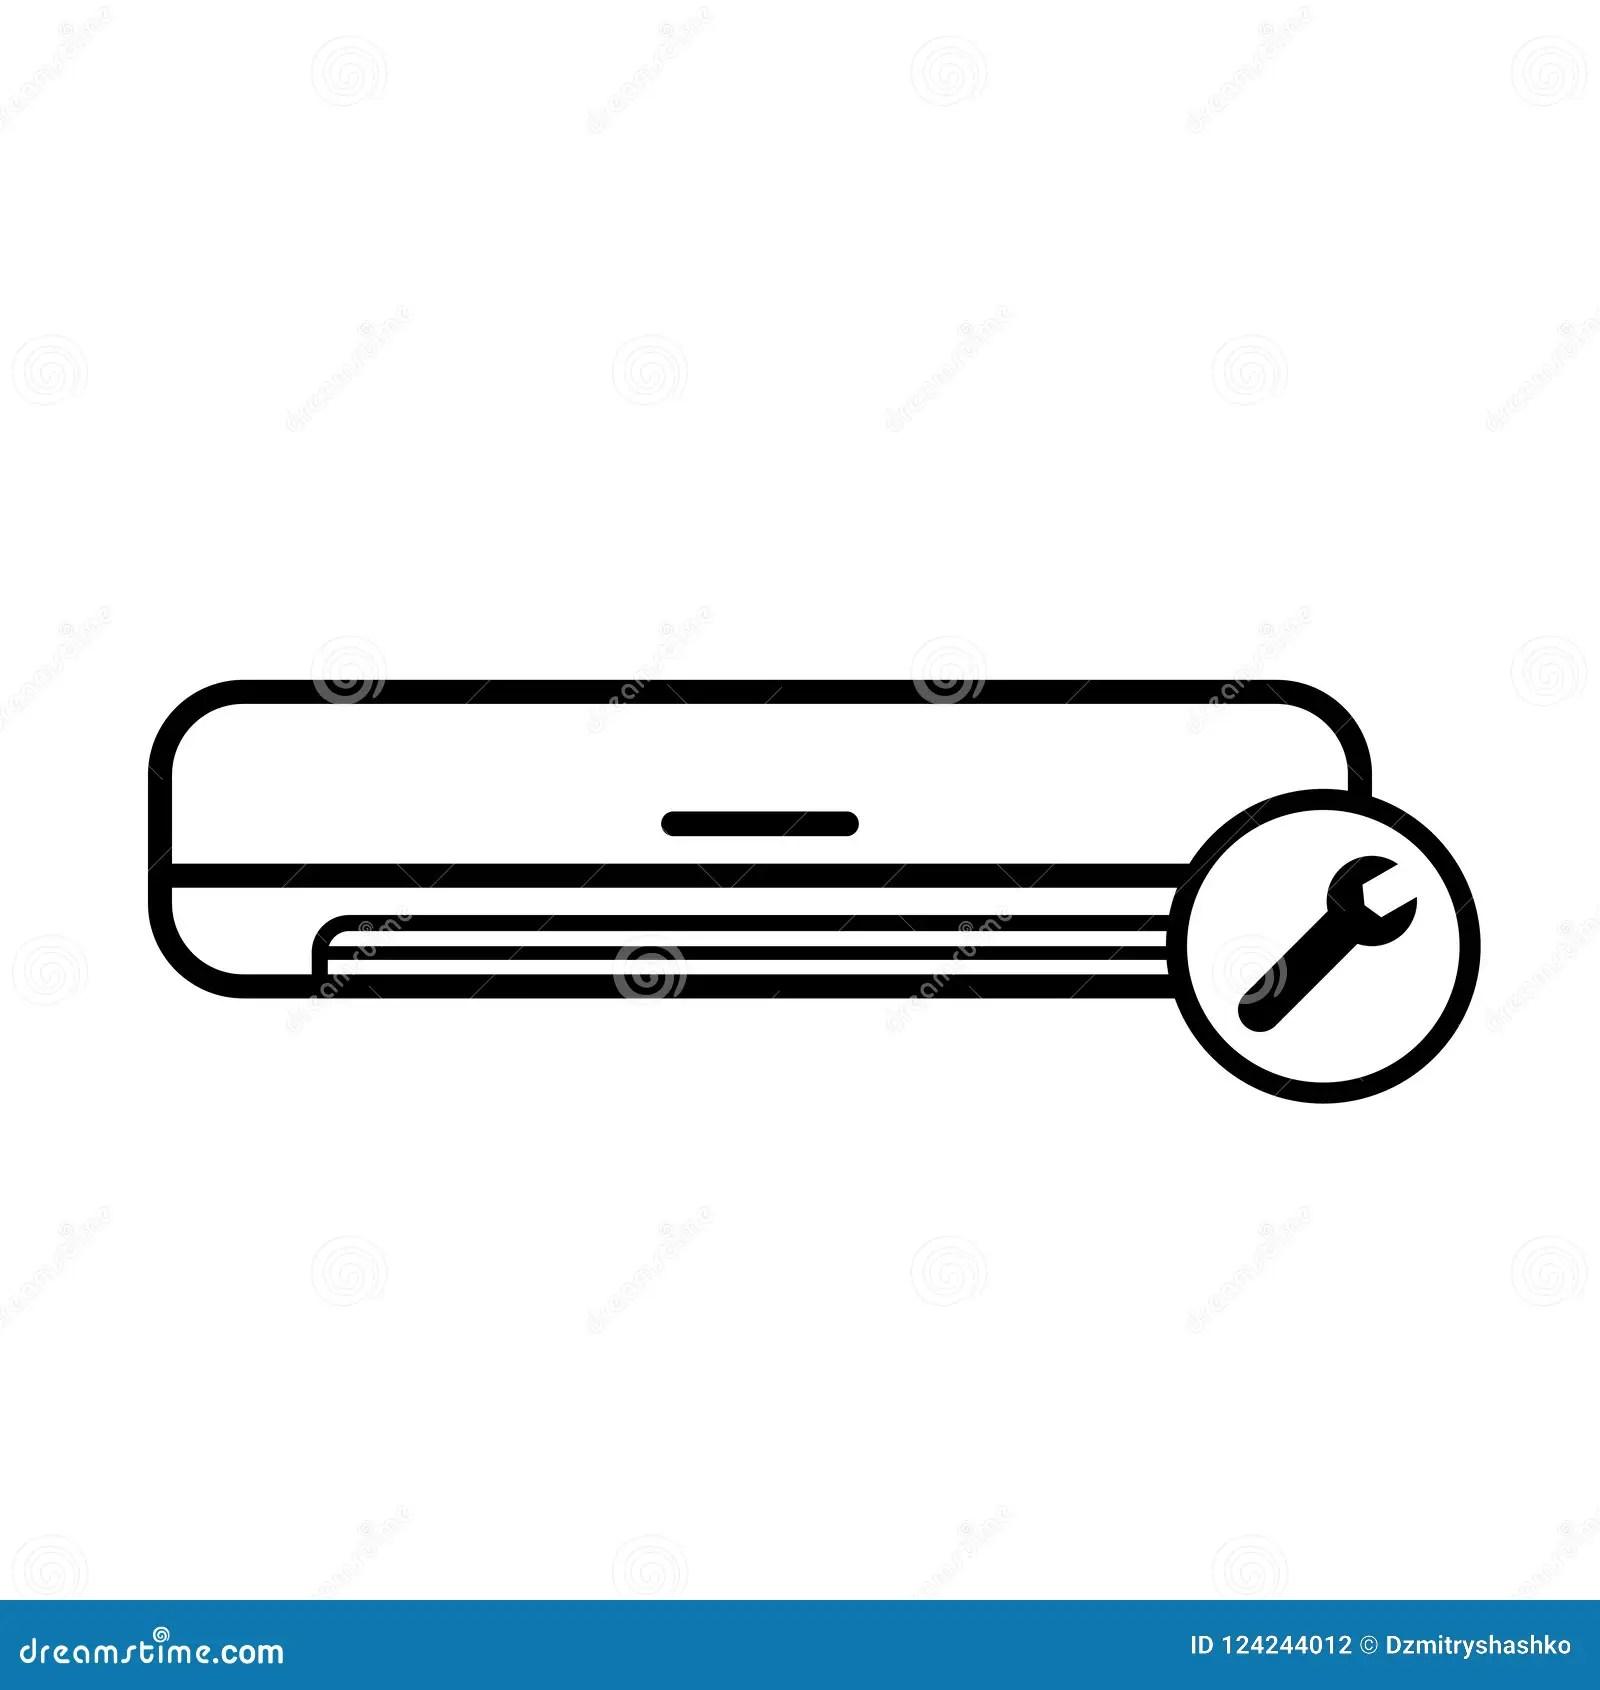 air conditioner repair icon